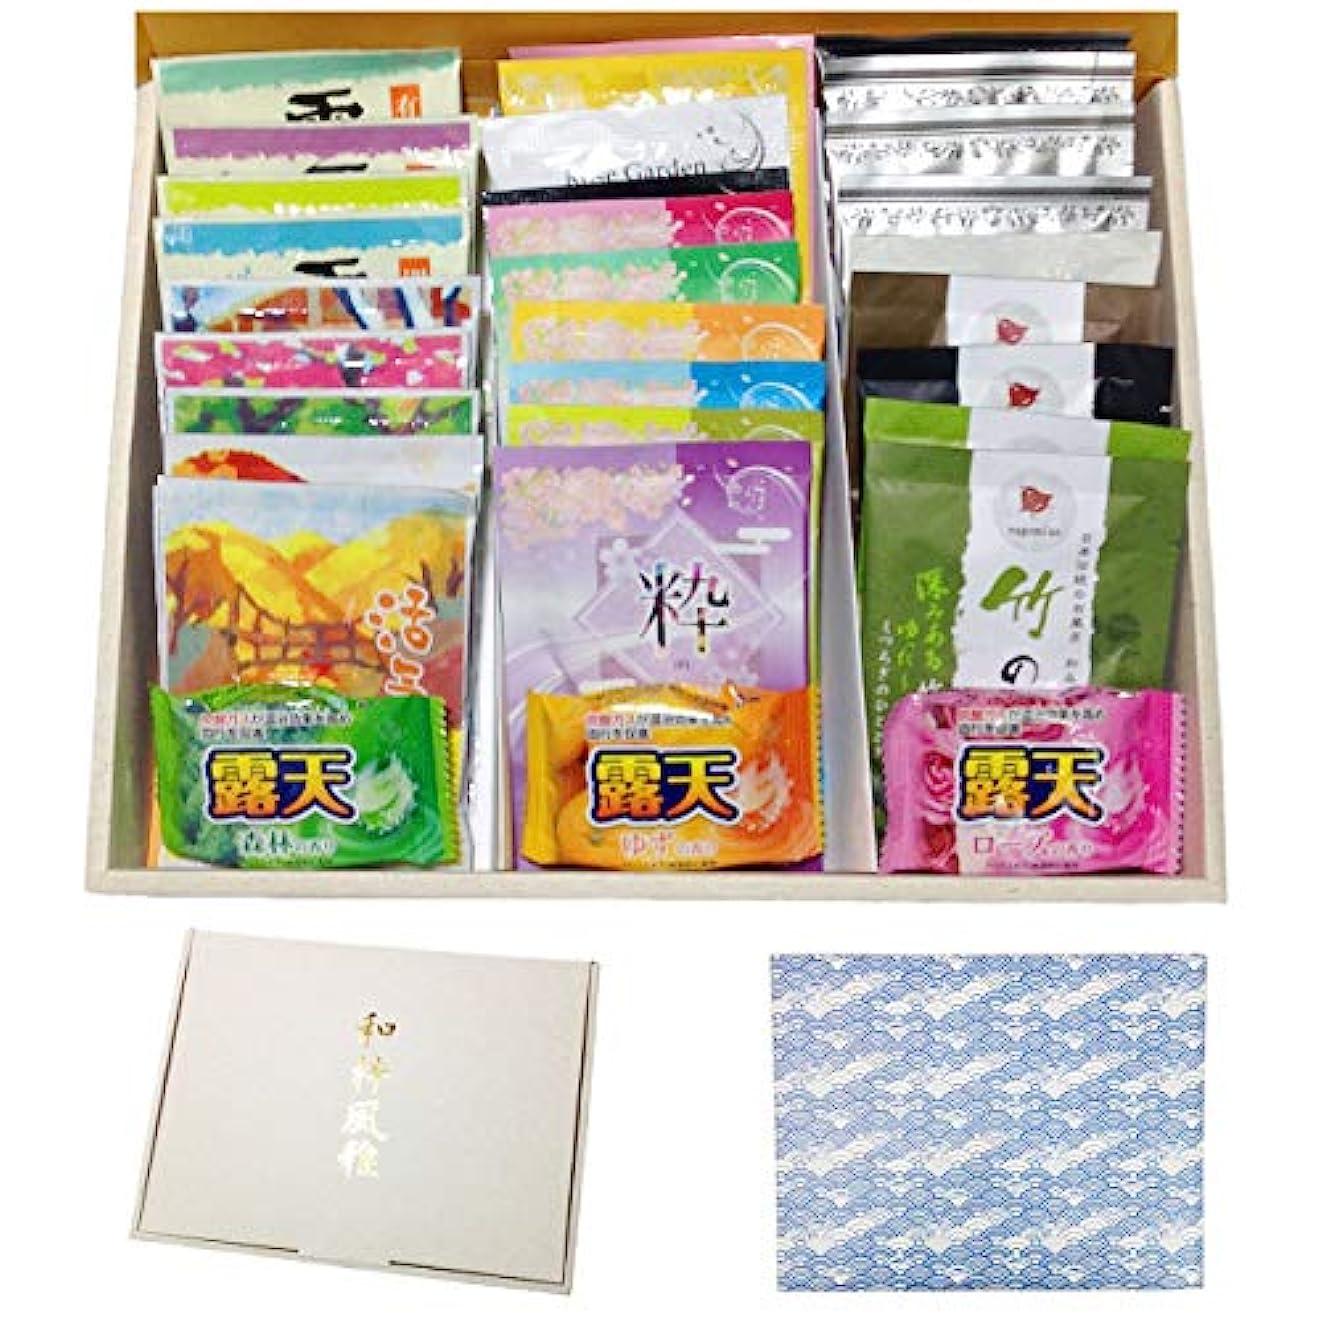 年マージほぼ入浴剤 ギフト セット 日本製 温泉 炭酸 つめあわせ バスギフト プレゼント 30種類/50種類 (30個30種類)